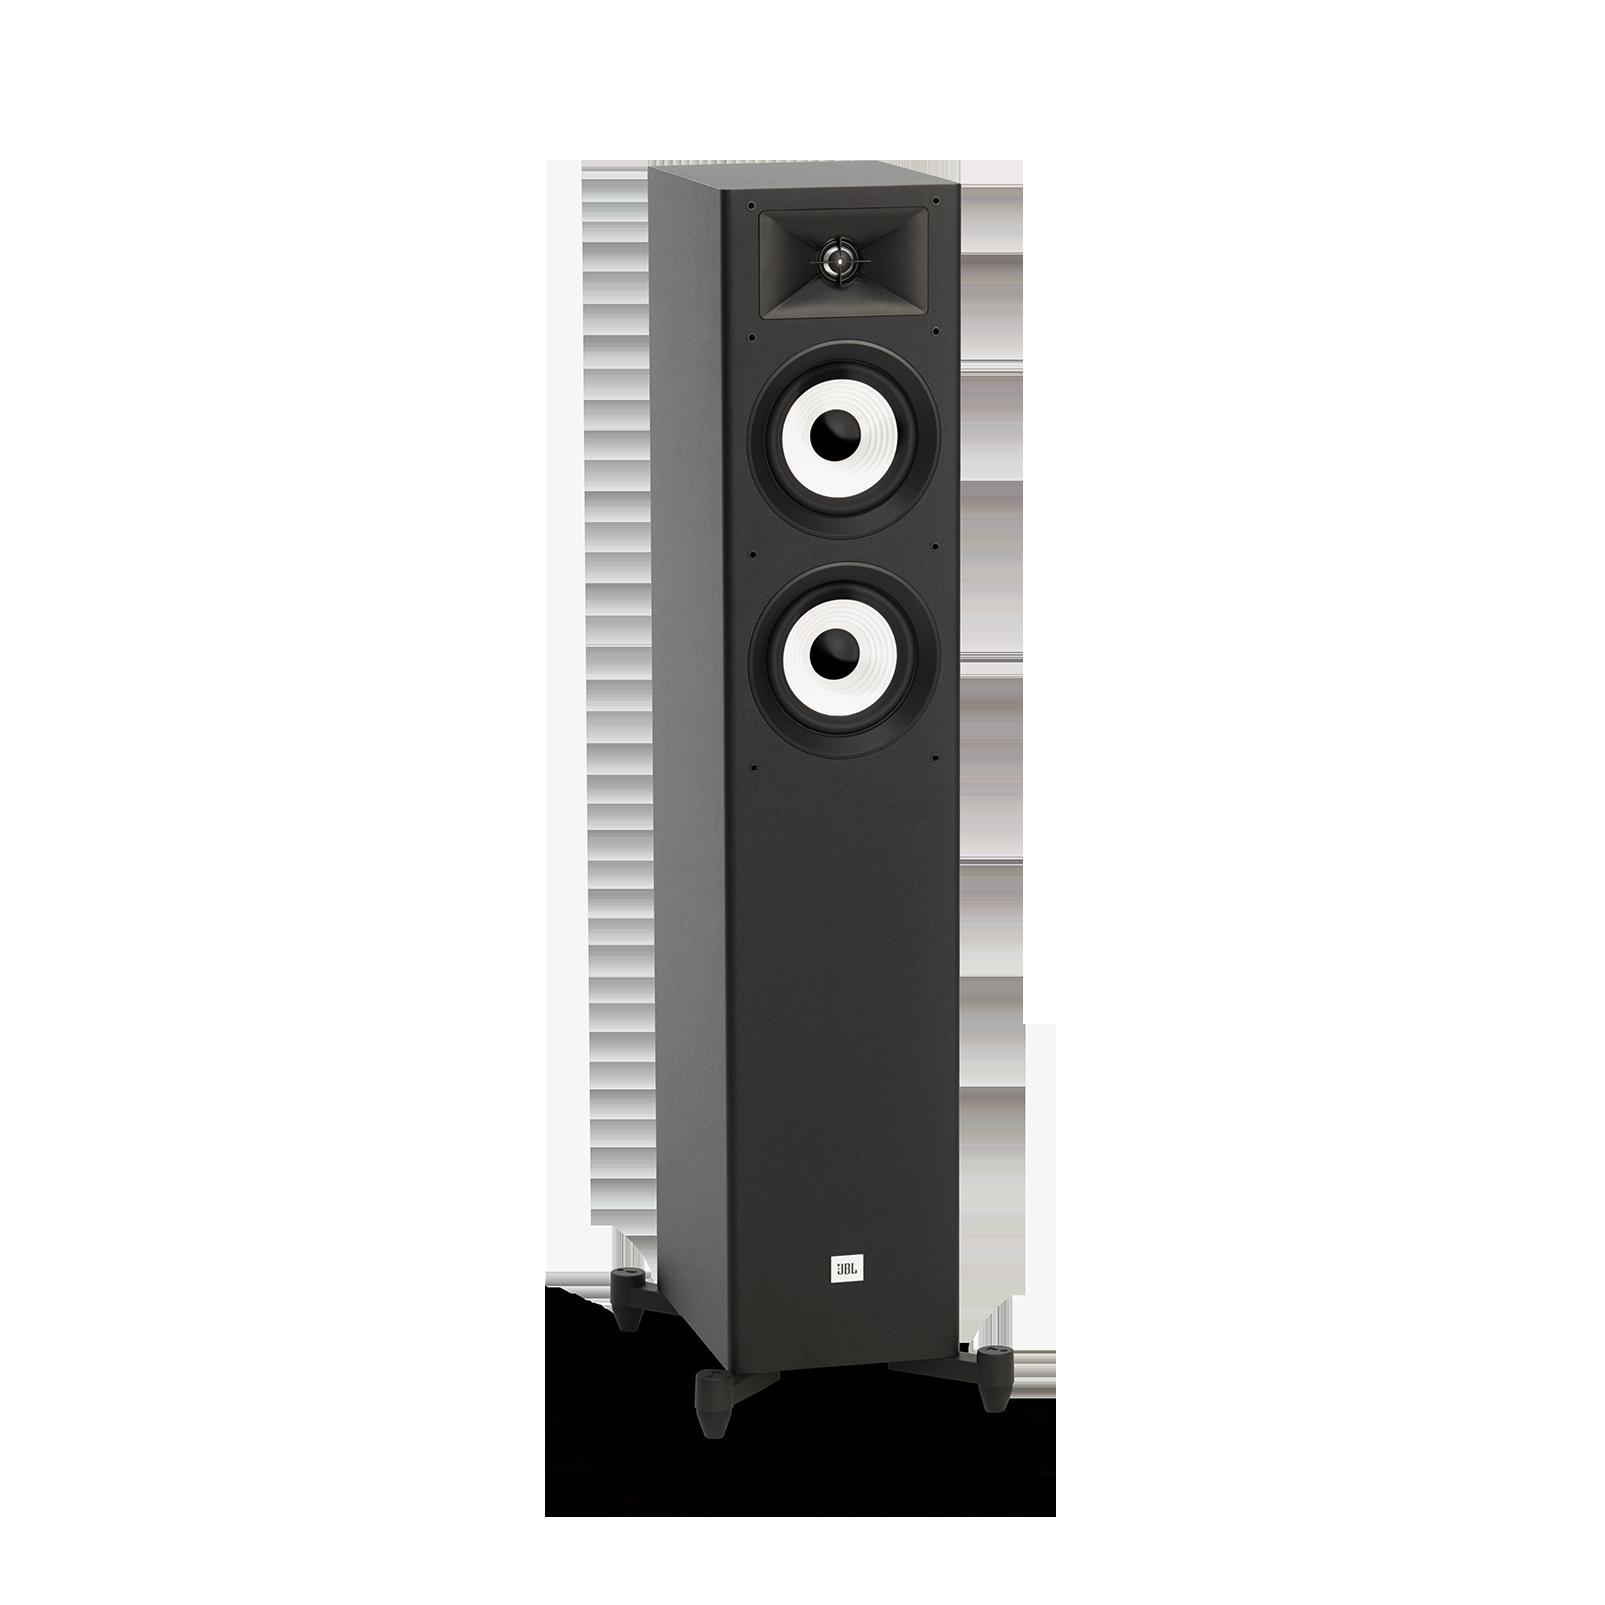 jbl stage a170 home audio loudspeaker system. Black Bedroom Furniture Sets. Home Design Ideas